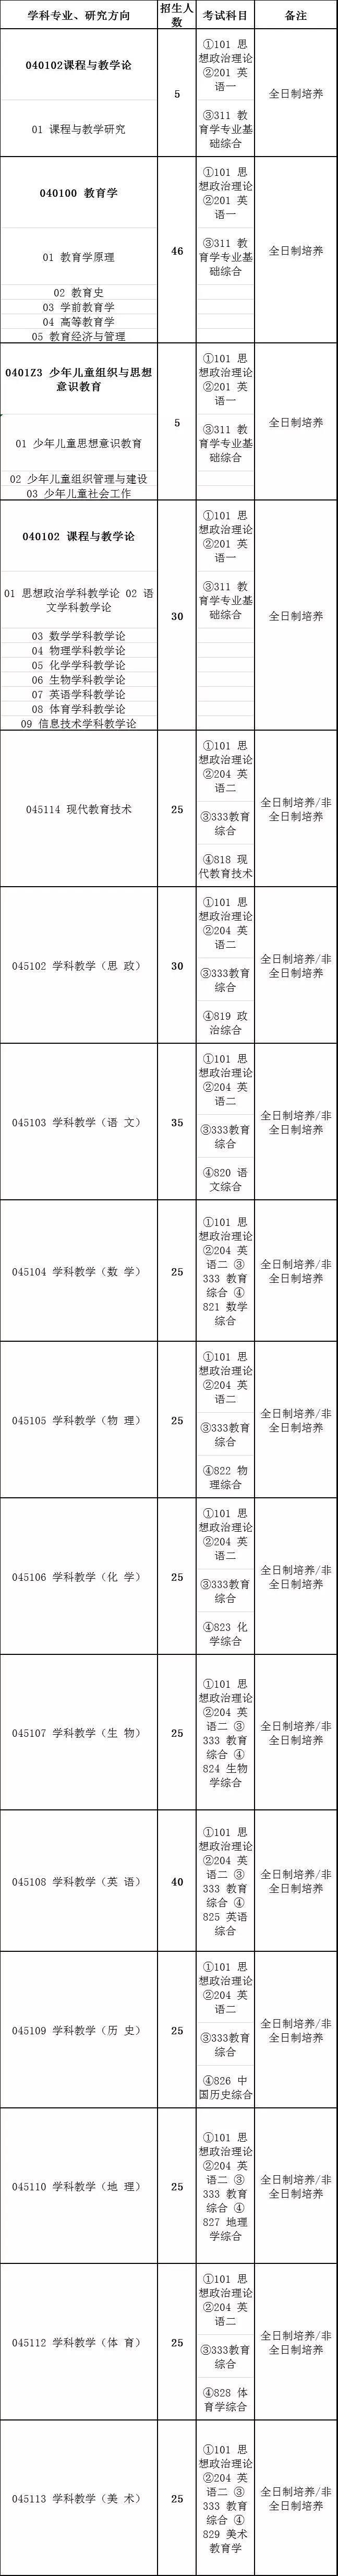 2020山西师范大学教育学考研专业目录及参考书